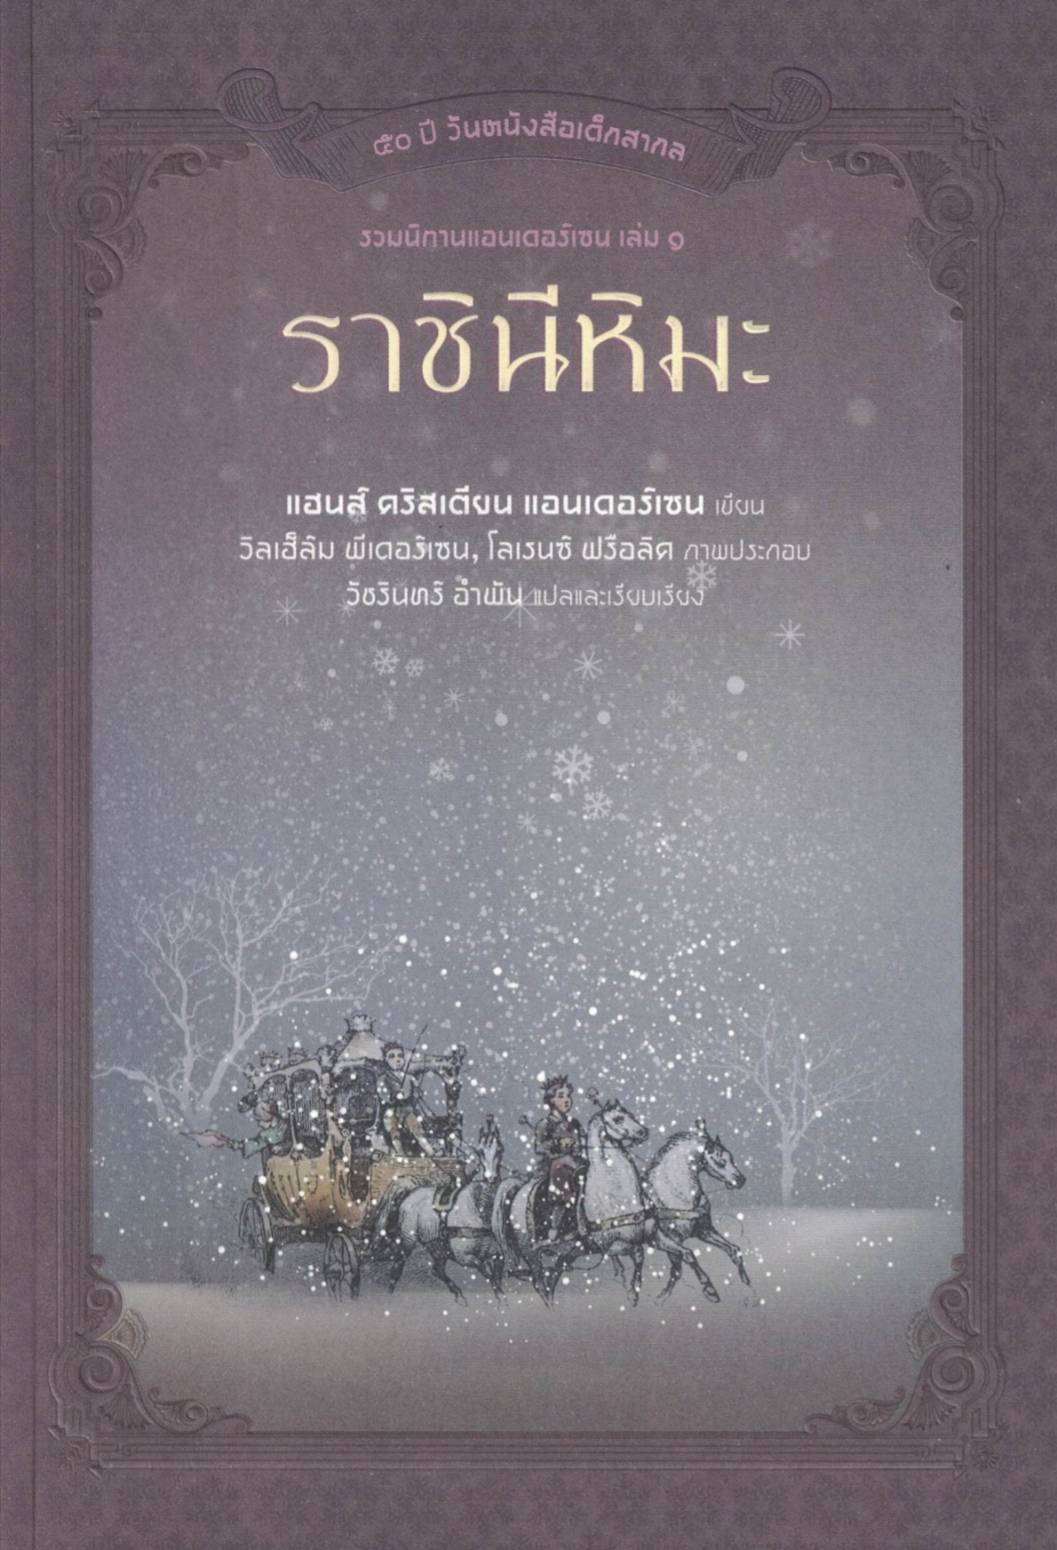 ราชินีหิมะ - ศูนย์รวมหนังสือที่ใหญ่ที่สุดในประเทศไทย #OnlineBookMarket